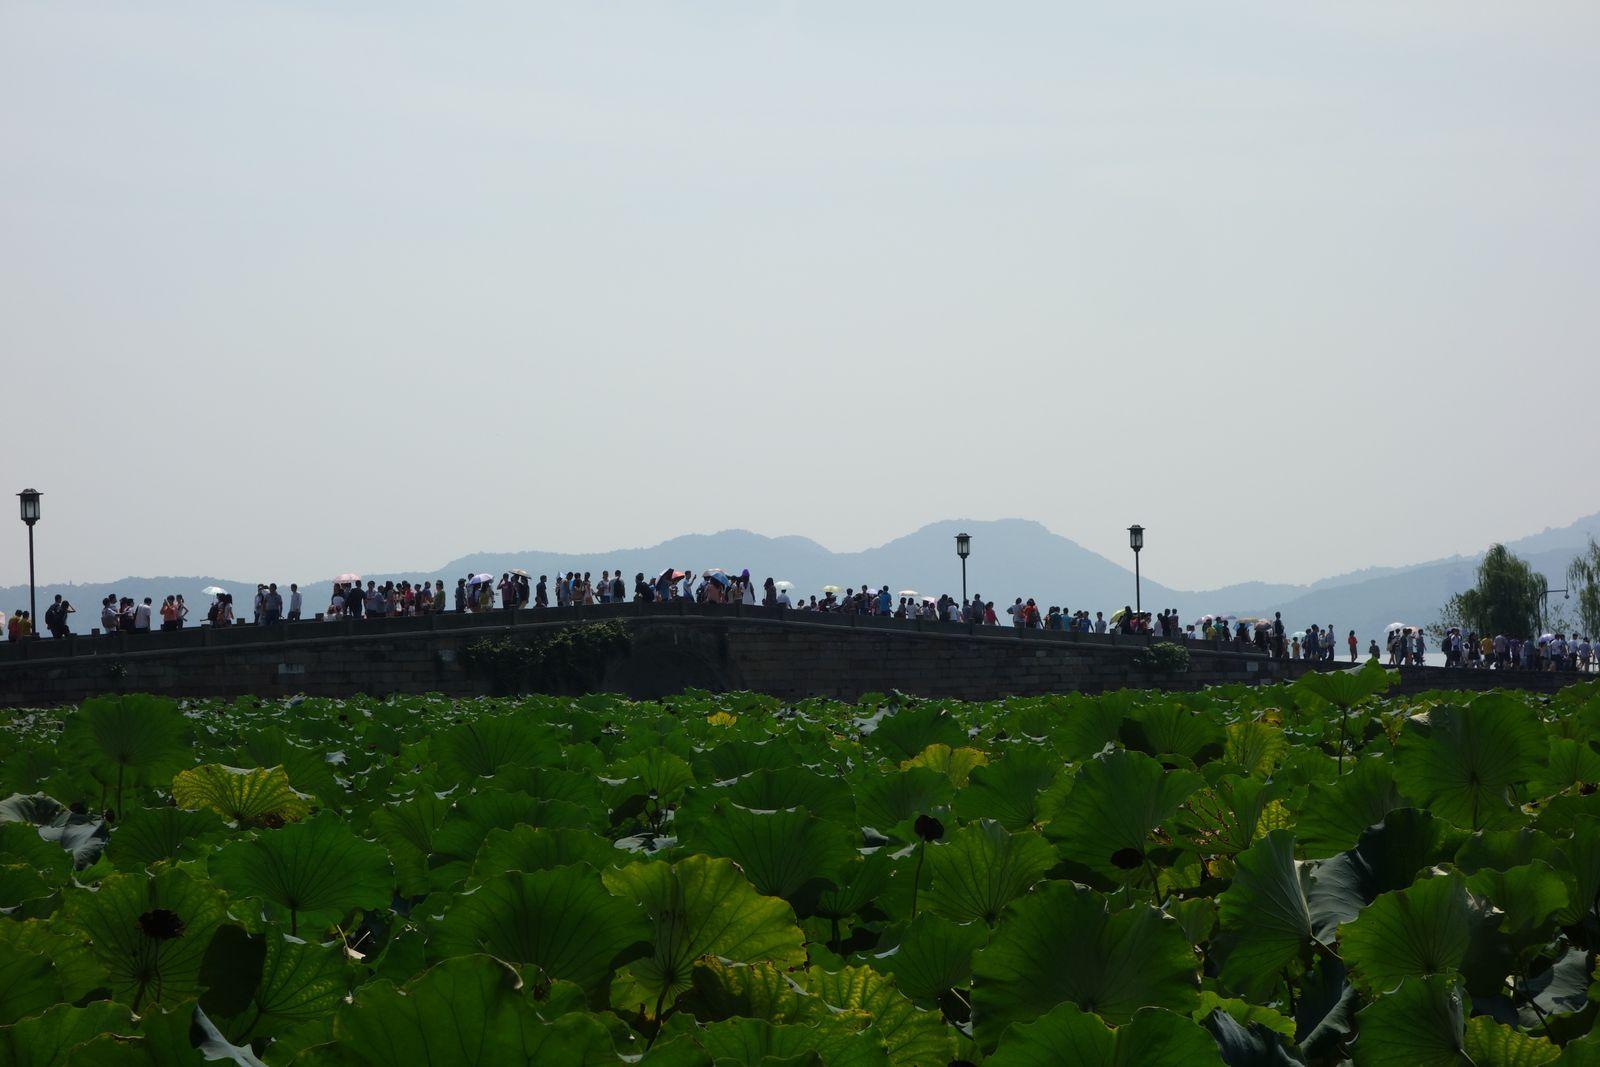 En fait, voilà les lieux touristiques chinois en période de congés...mais il suffit de devoir marcher un peu on se sent desuite plus tranquille.